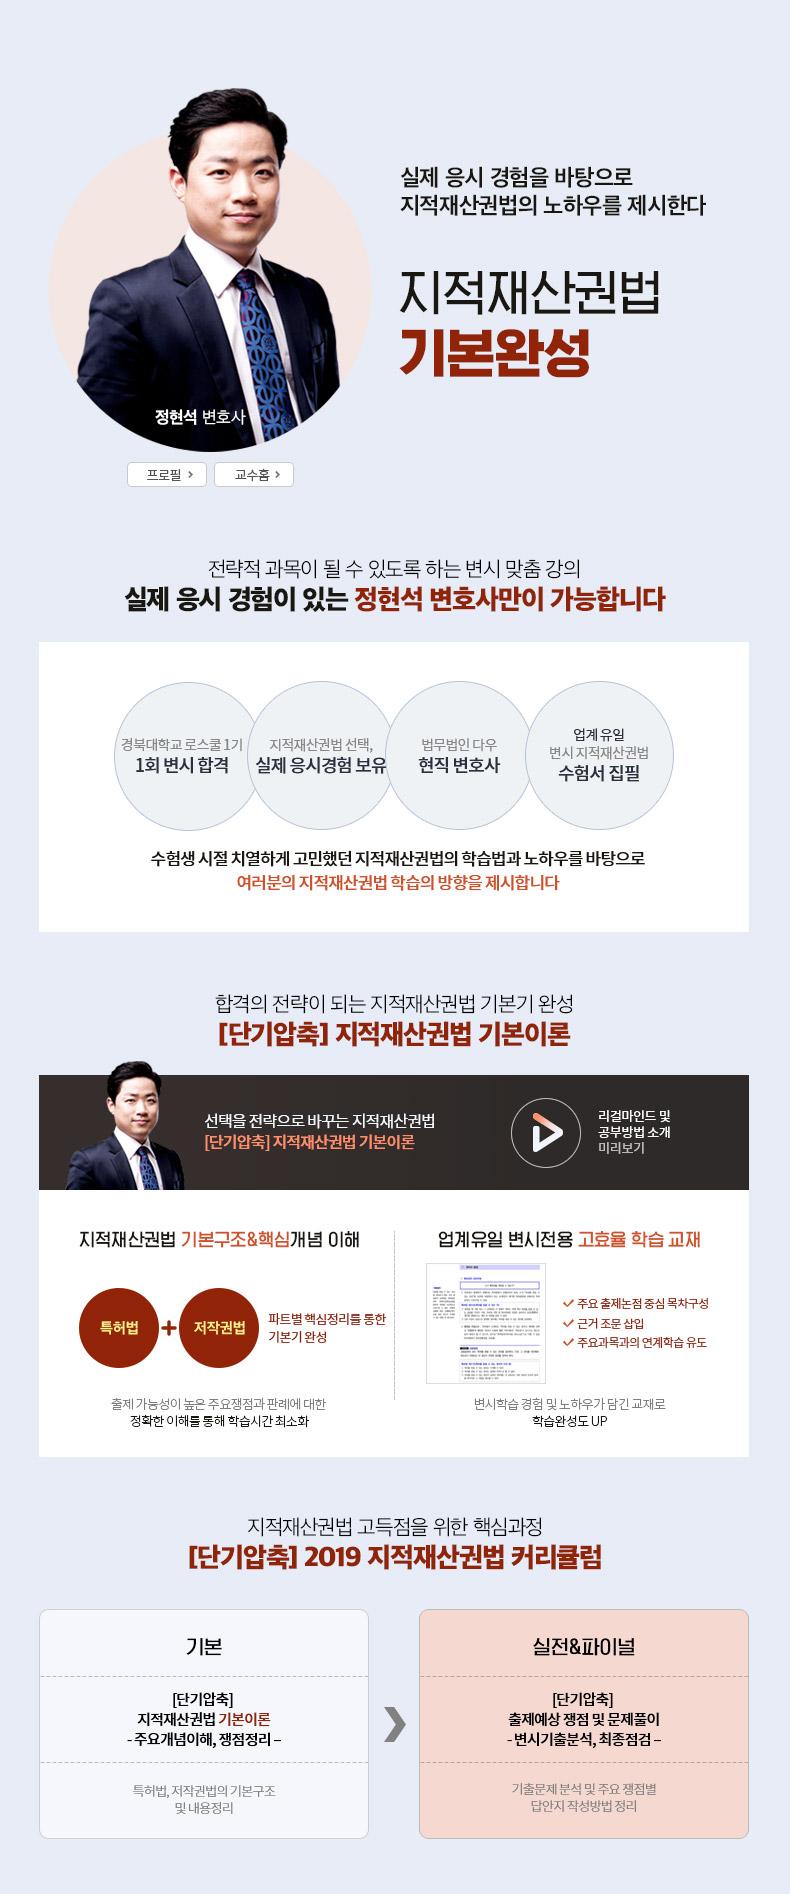 지적재산권법 정현석 변호사